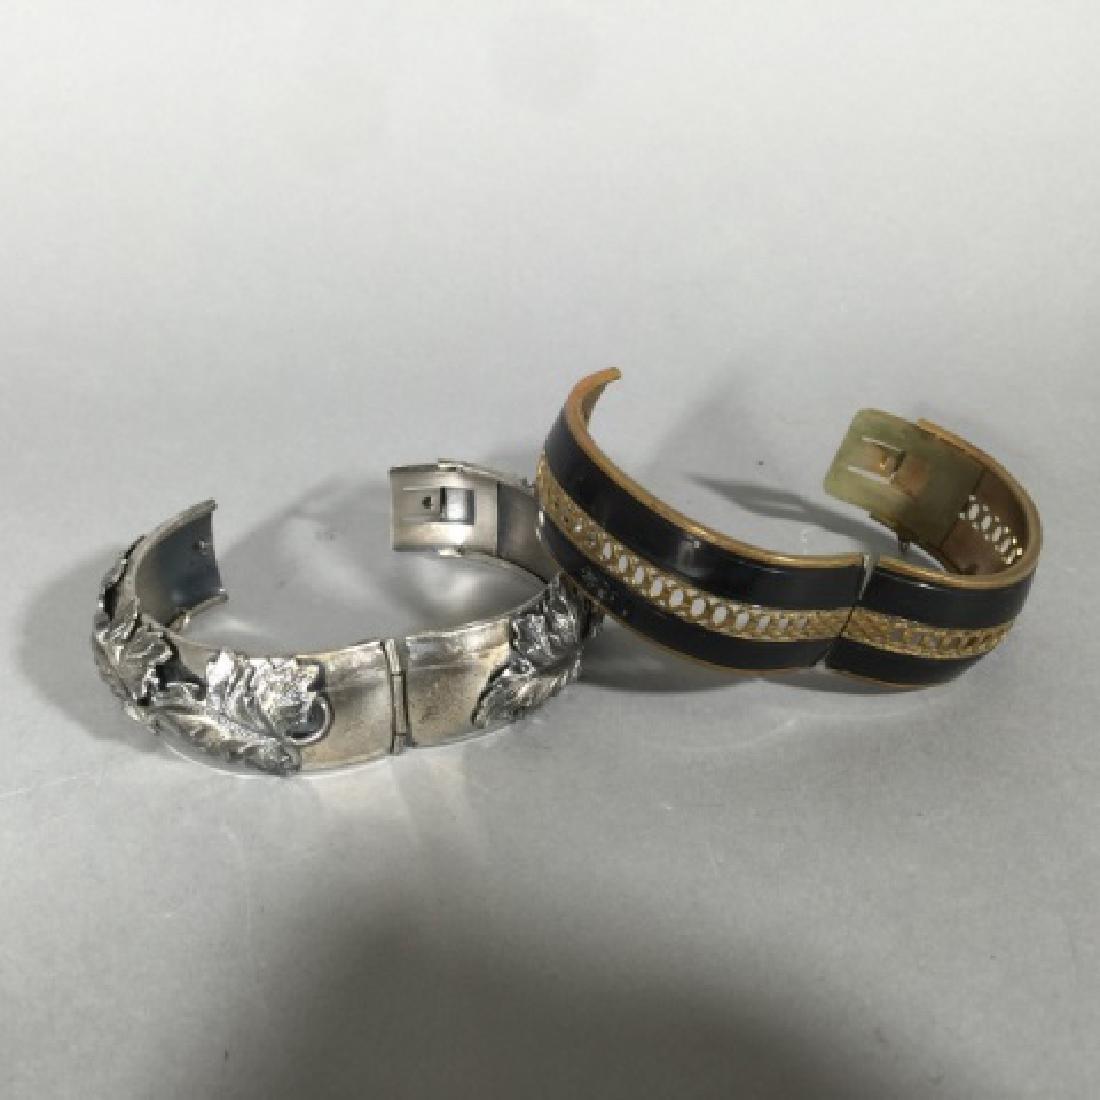 Two Estate / Vintage Hinged Bangle Bracelets - 3